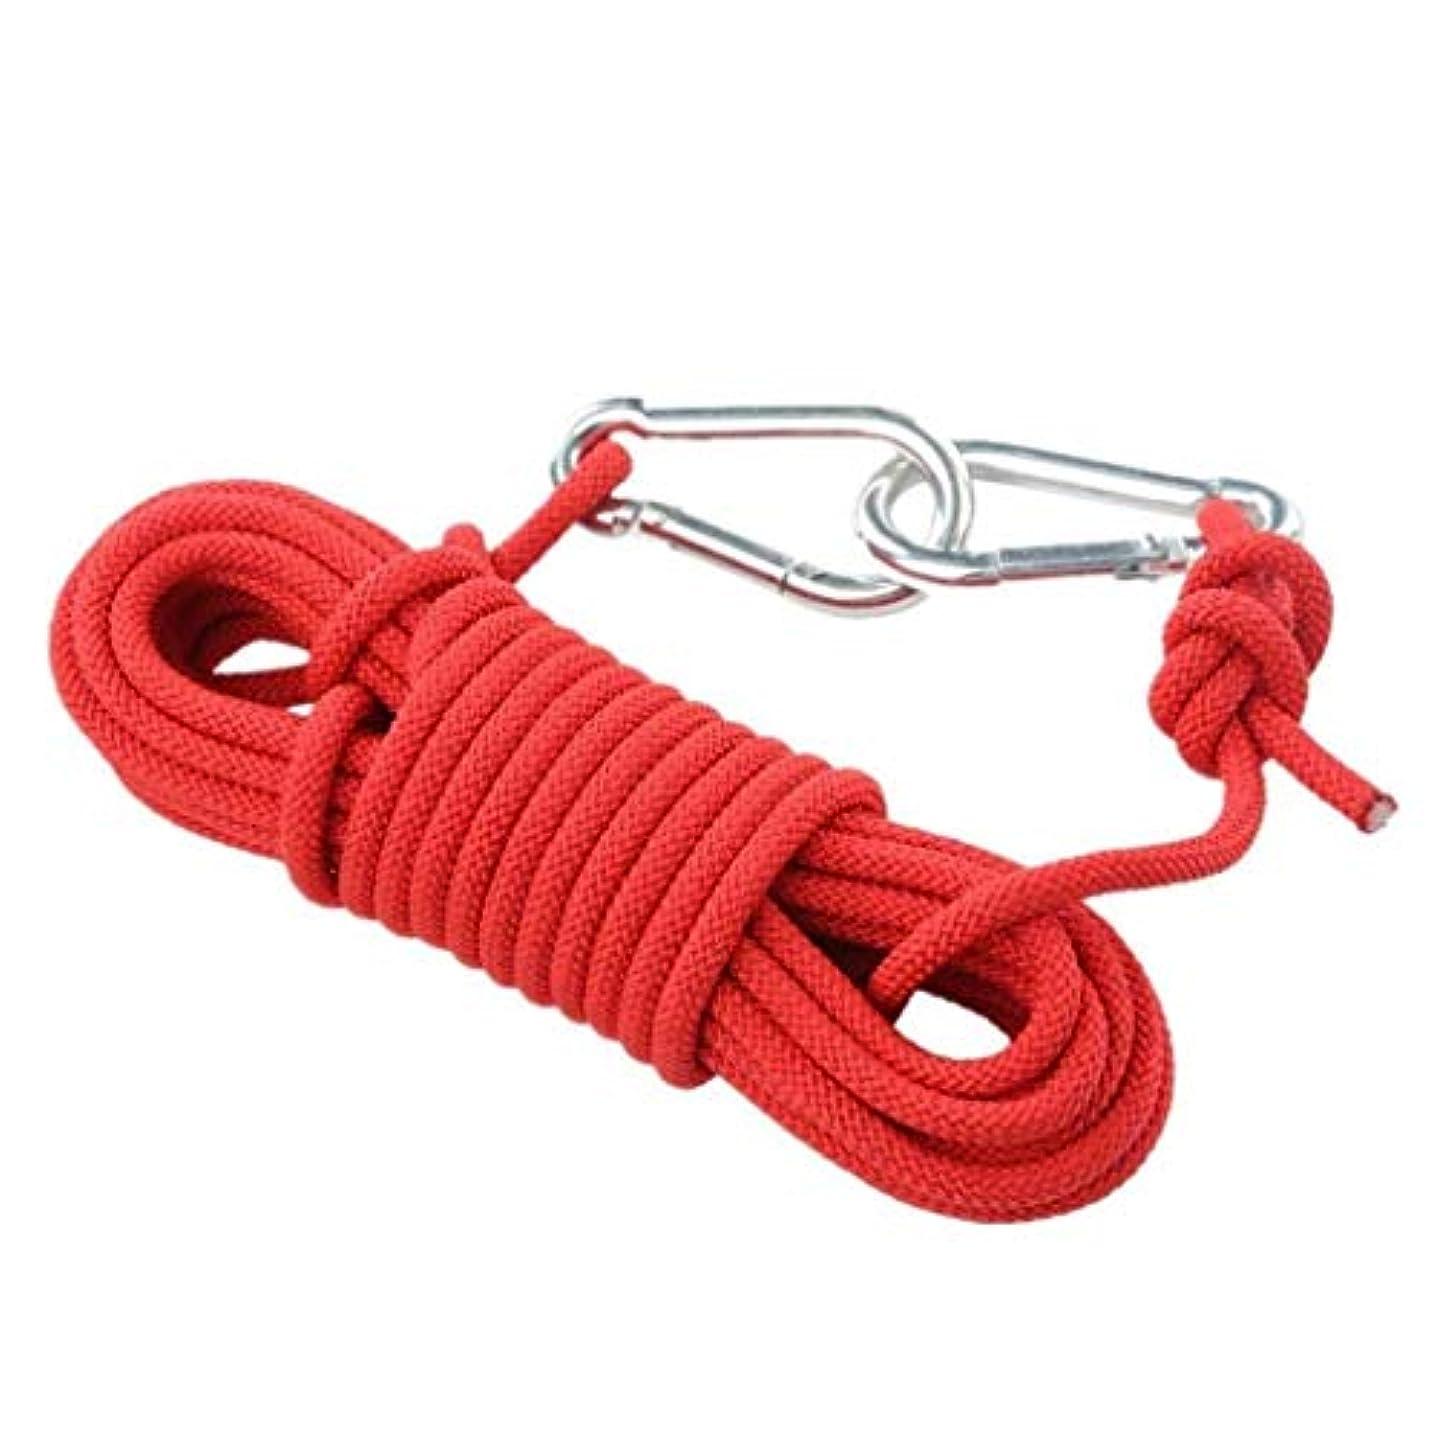 入口貼り直す過半数登山ロープの家の火の緊急脱出ロープ、ハイキングの洞窟探検のキャンプの救助調査および工学保護のための多機能のコードの安全ロープ。 (Color : 赤, Size : 15m)